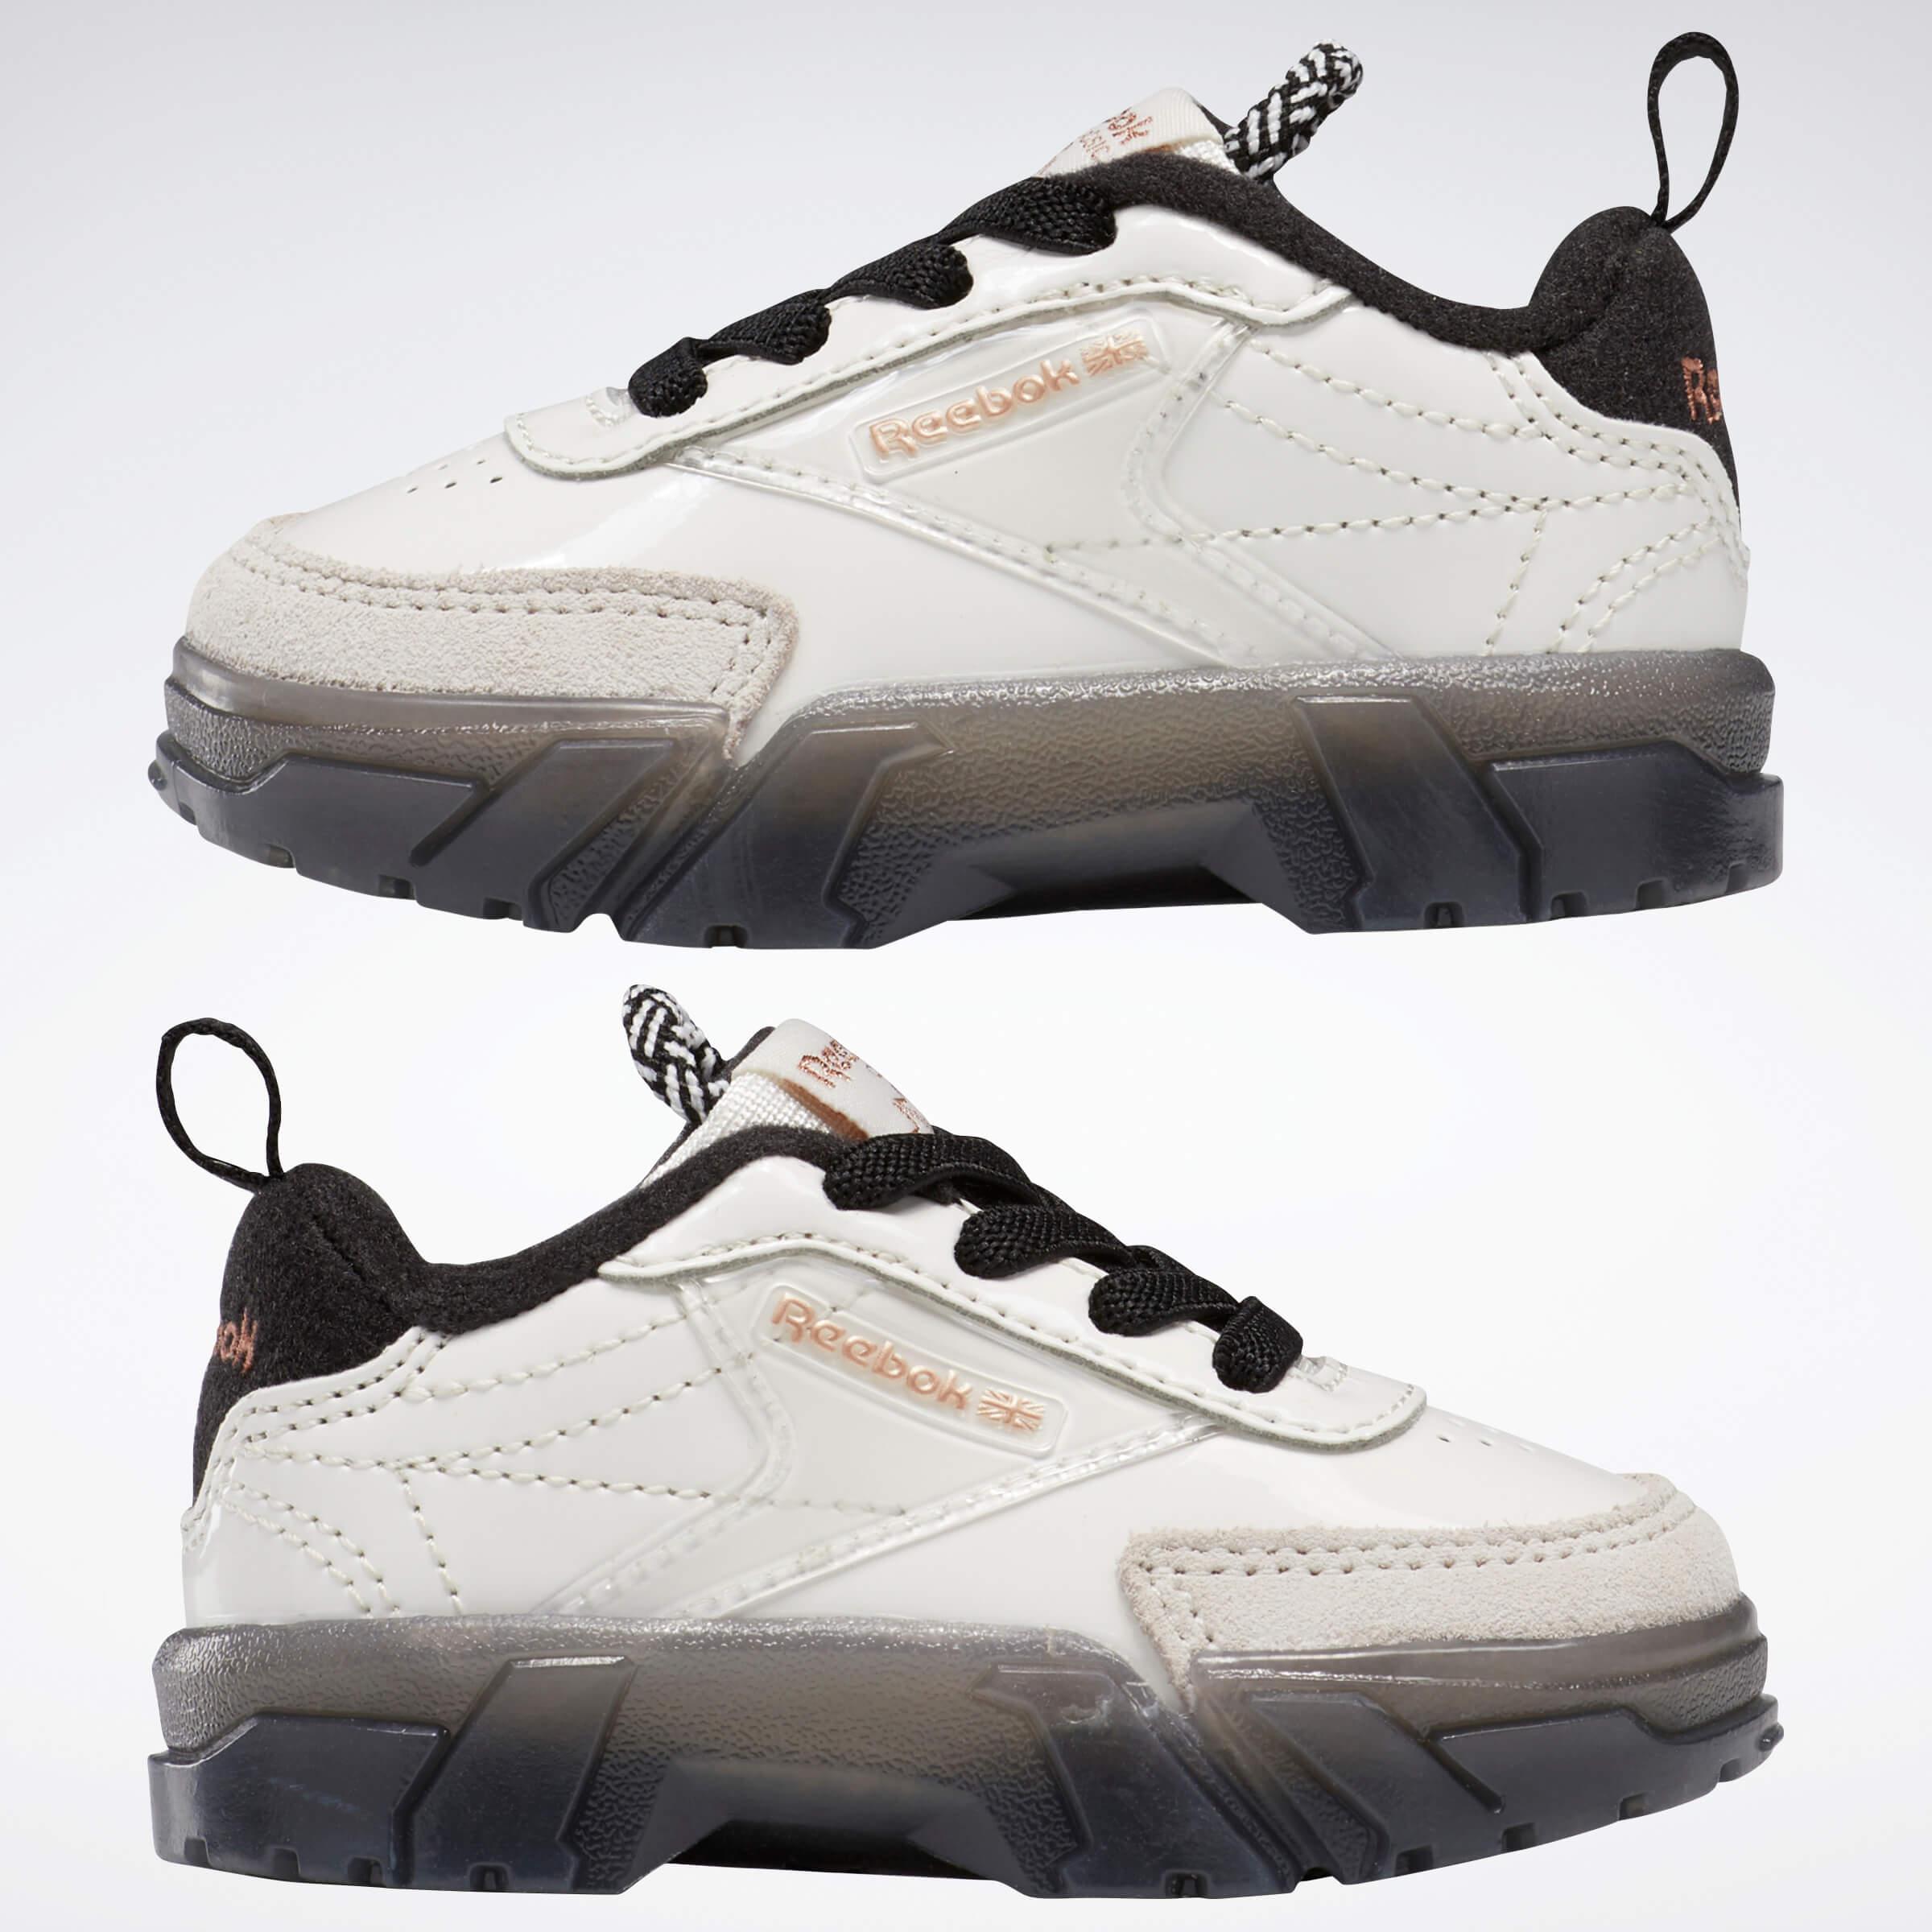 Reebok CLASSIC x Cardi B カーディ・B クラブ シー Cardi B Club C Shoes コラボ product side both